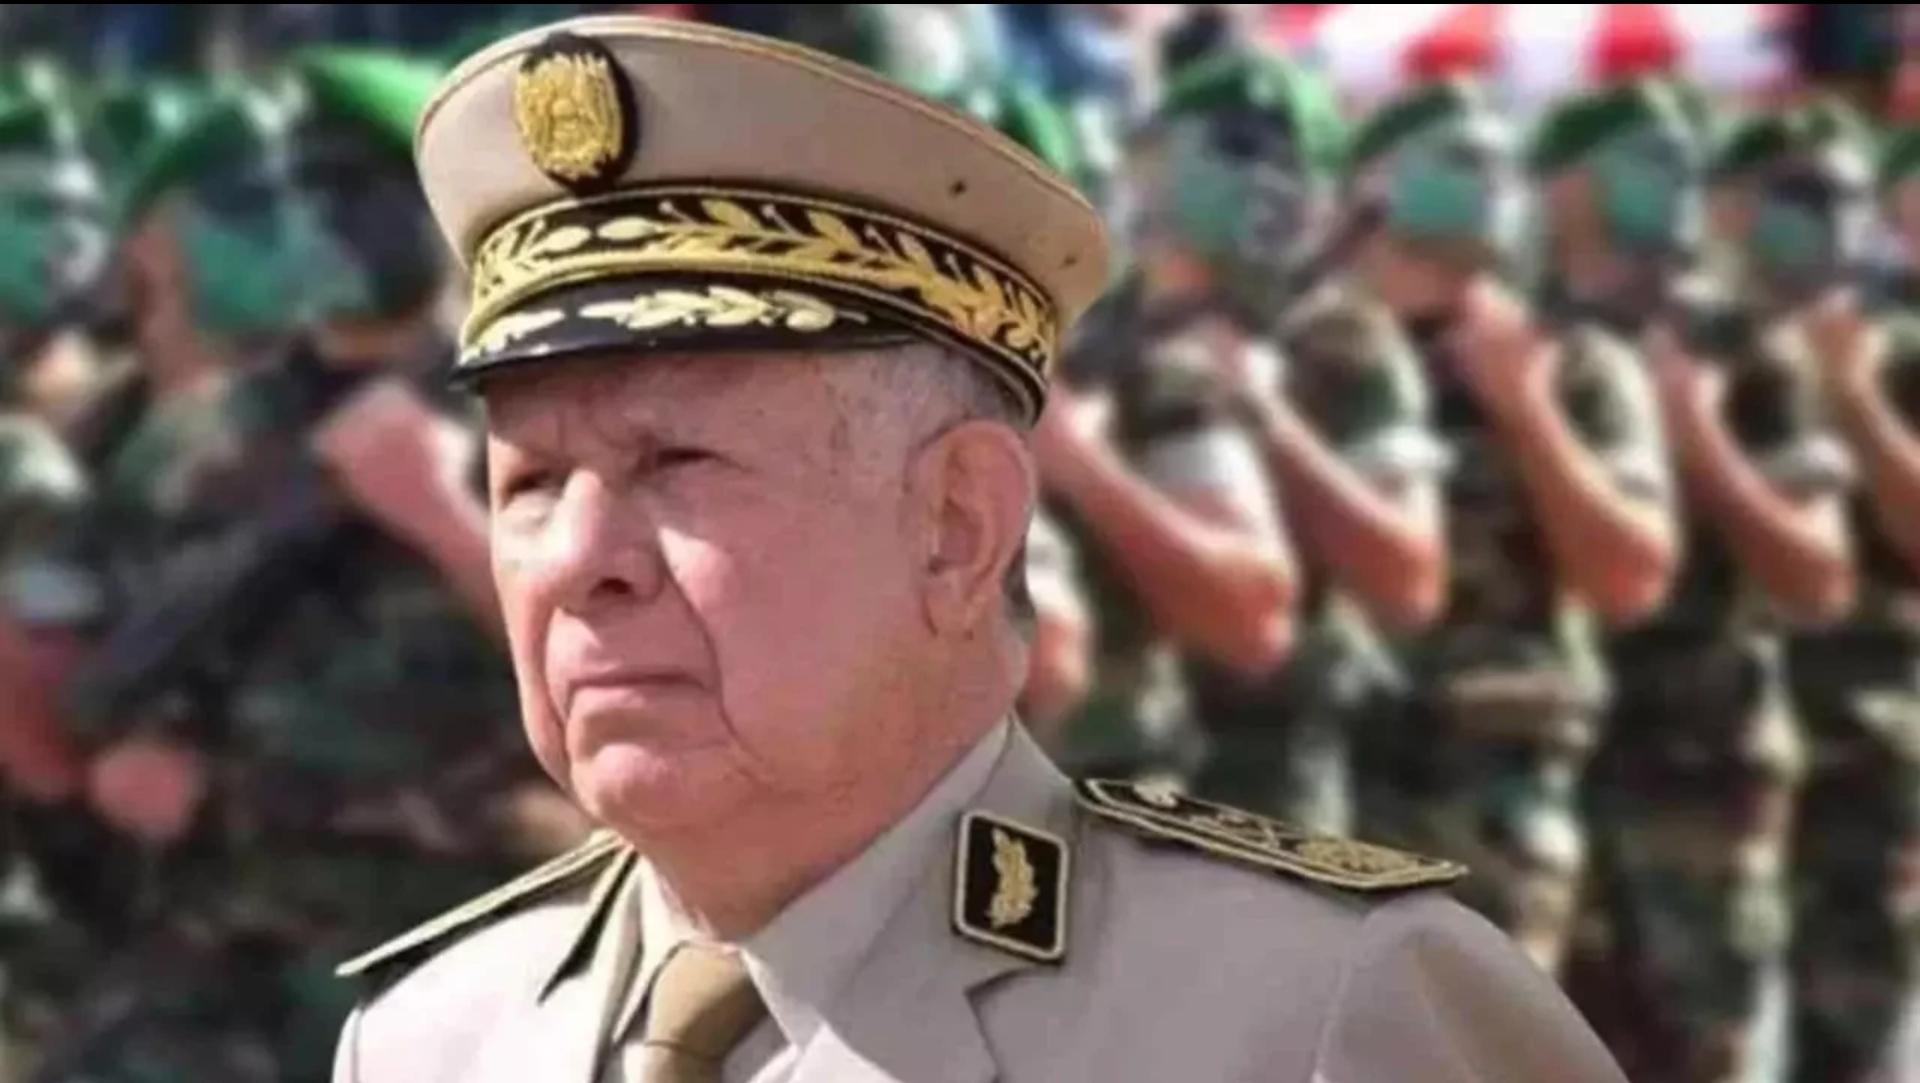 شنقريحة  يغالط المنتظم الدولي بموسكو في قضايا الأمن و الاستقرار و يتجنى مجددا على المغرب